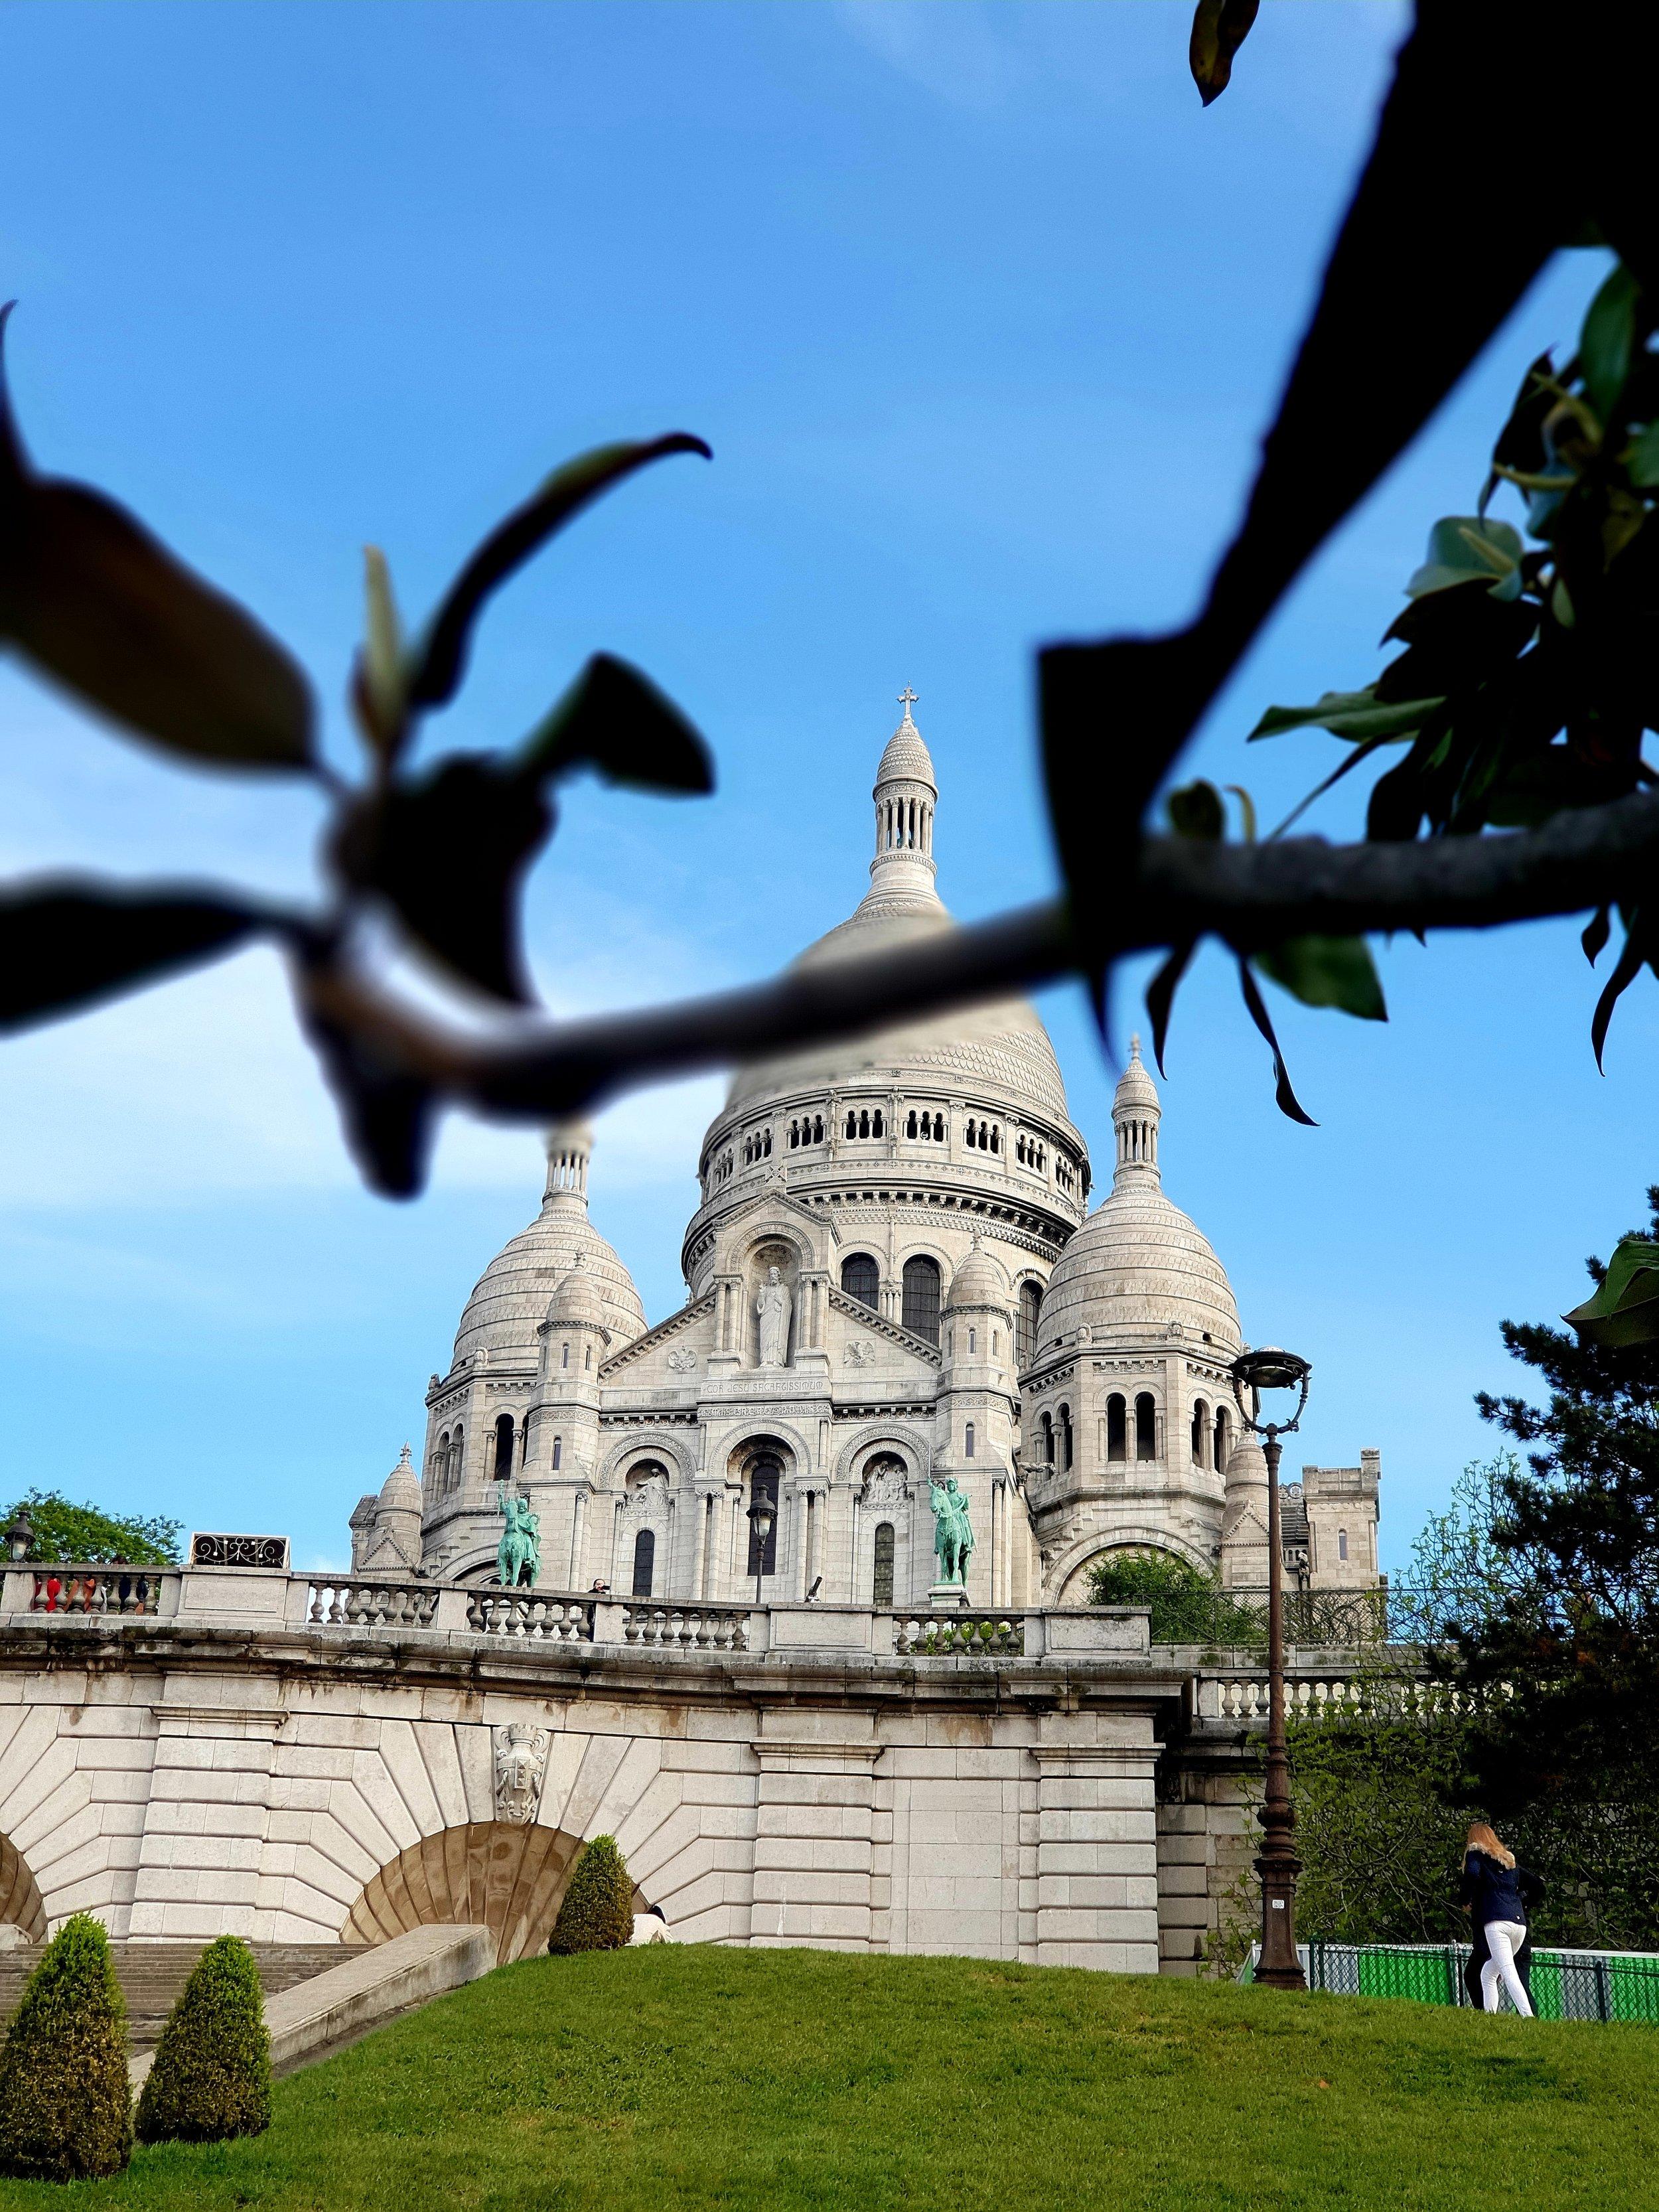 Basilica de Sacre Coeur, Montmartre